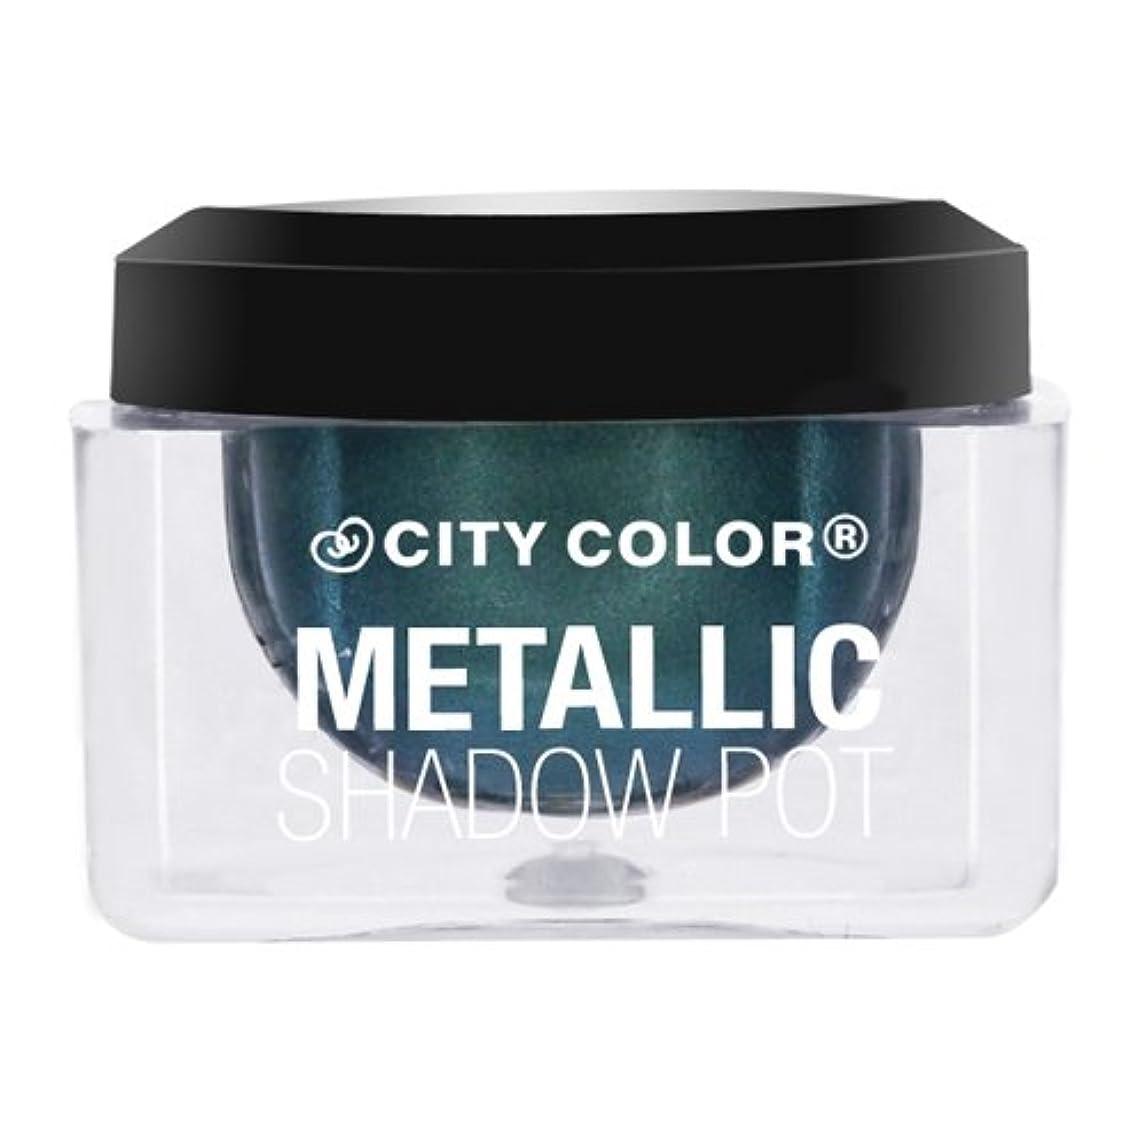 間接的伝統決定(6 Pack) CITY COLOR Metallic Shadow Pot - Meteor Shower (並行輸入品)